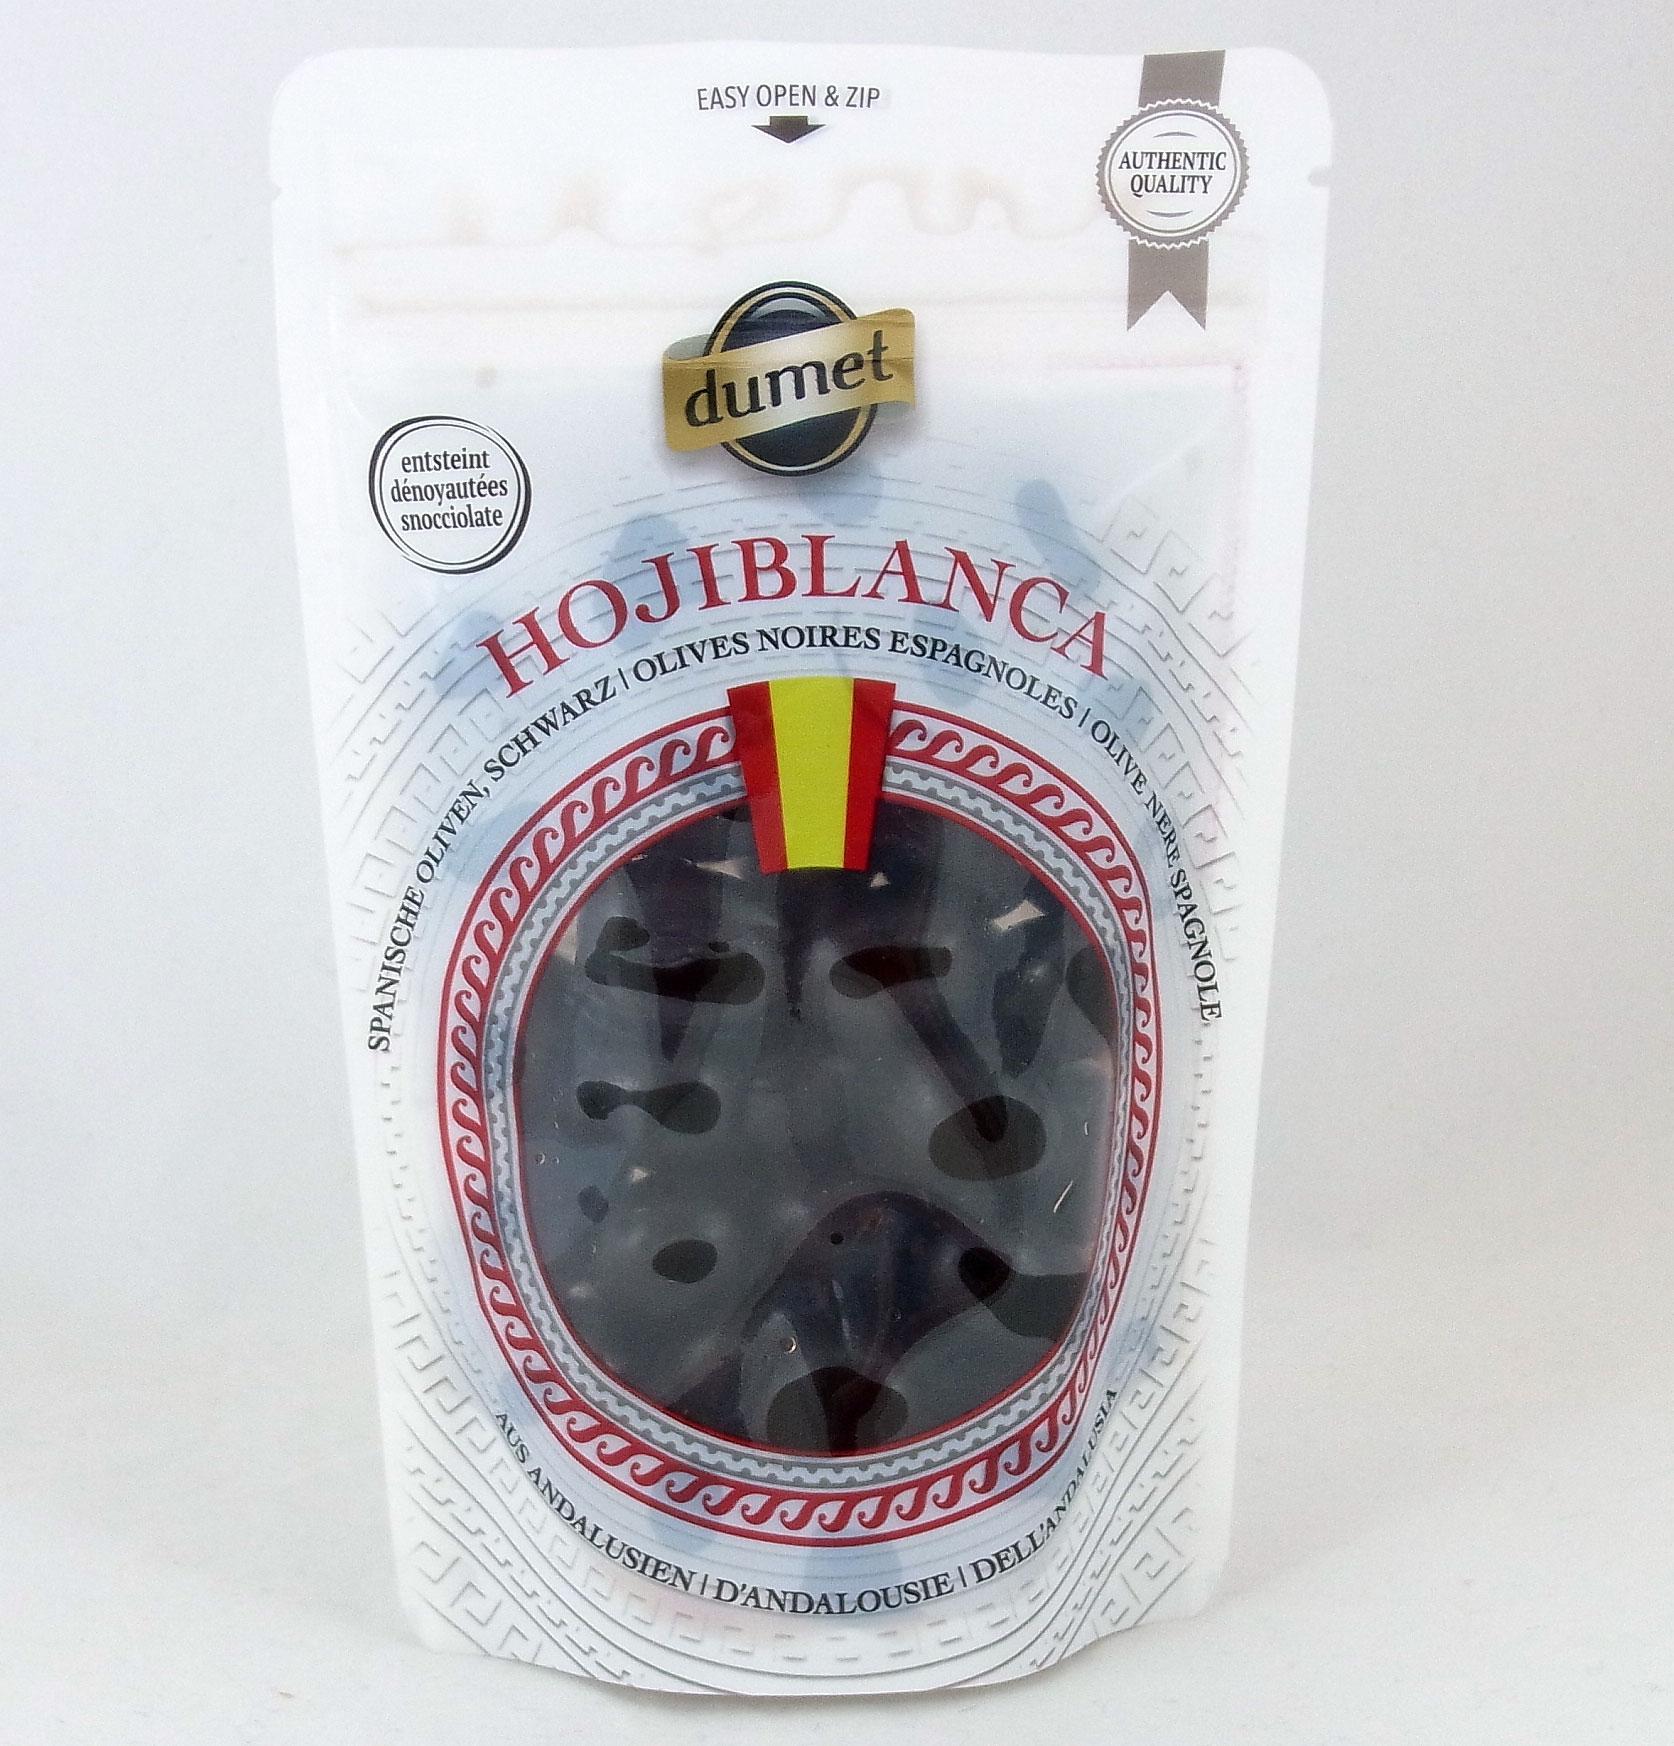 Gemeinsame Dumet Hojiblanca Spanische Oliven, schwarz   Lebensmittelklarheit @IX_05